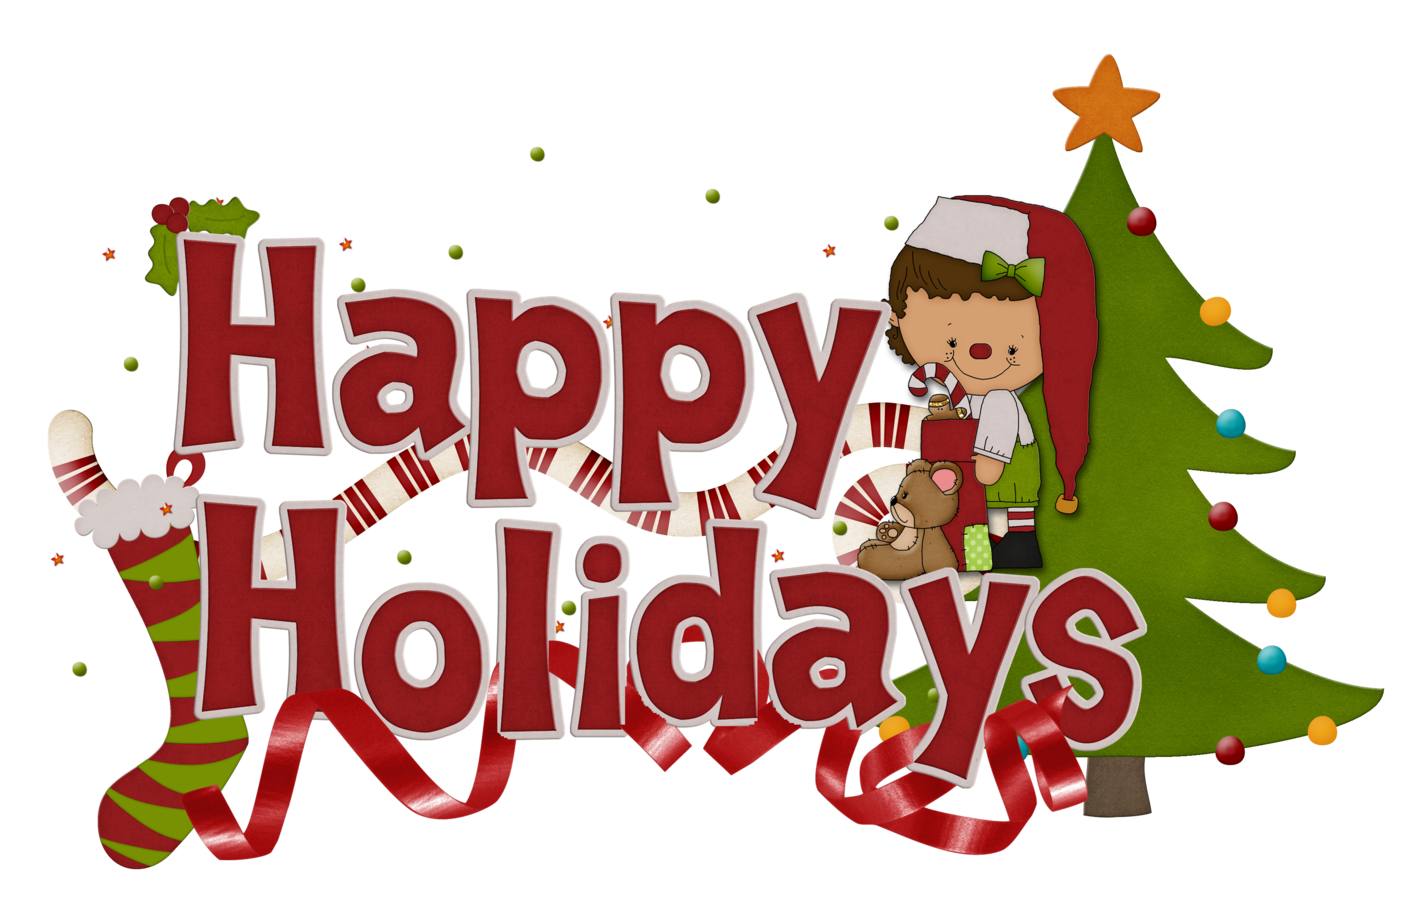 Happy Holidays Clip Art Free-Happy Holidays Clip Art Free-2